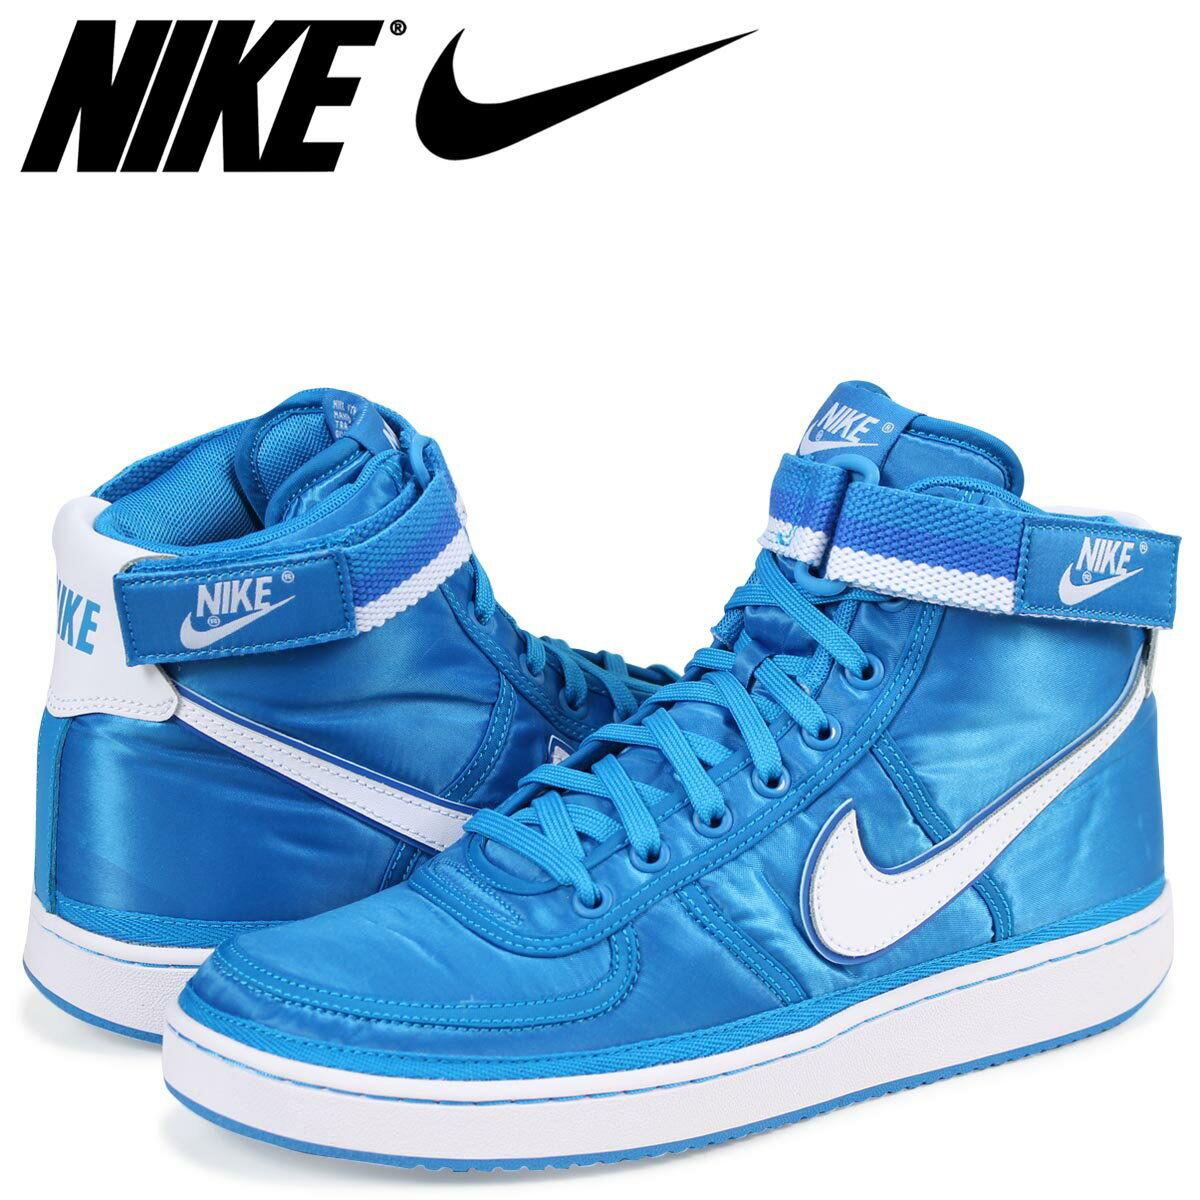 Nike Vandal Alto Supreme Uomo Lifestyle Scarpe da Ginnastica Stivali Scarpe | Altamente elogiato e apprezzato dal pubblico dei consumatori  | Gentiluomo/Signora Scarpa